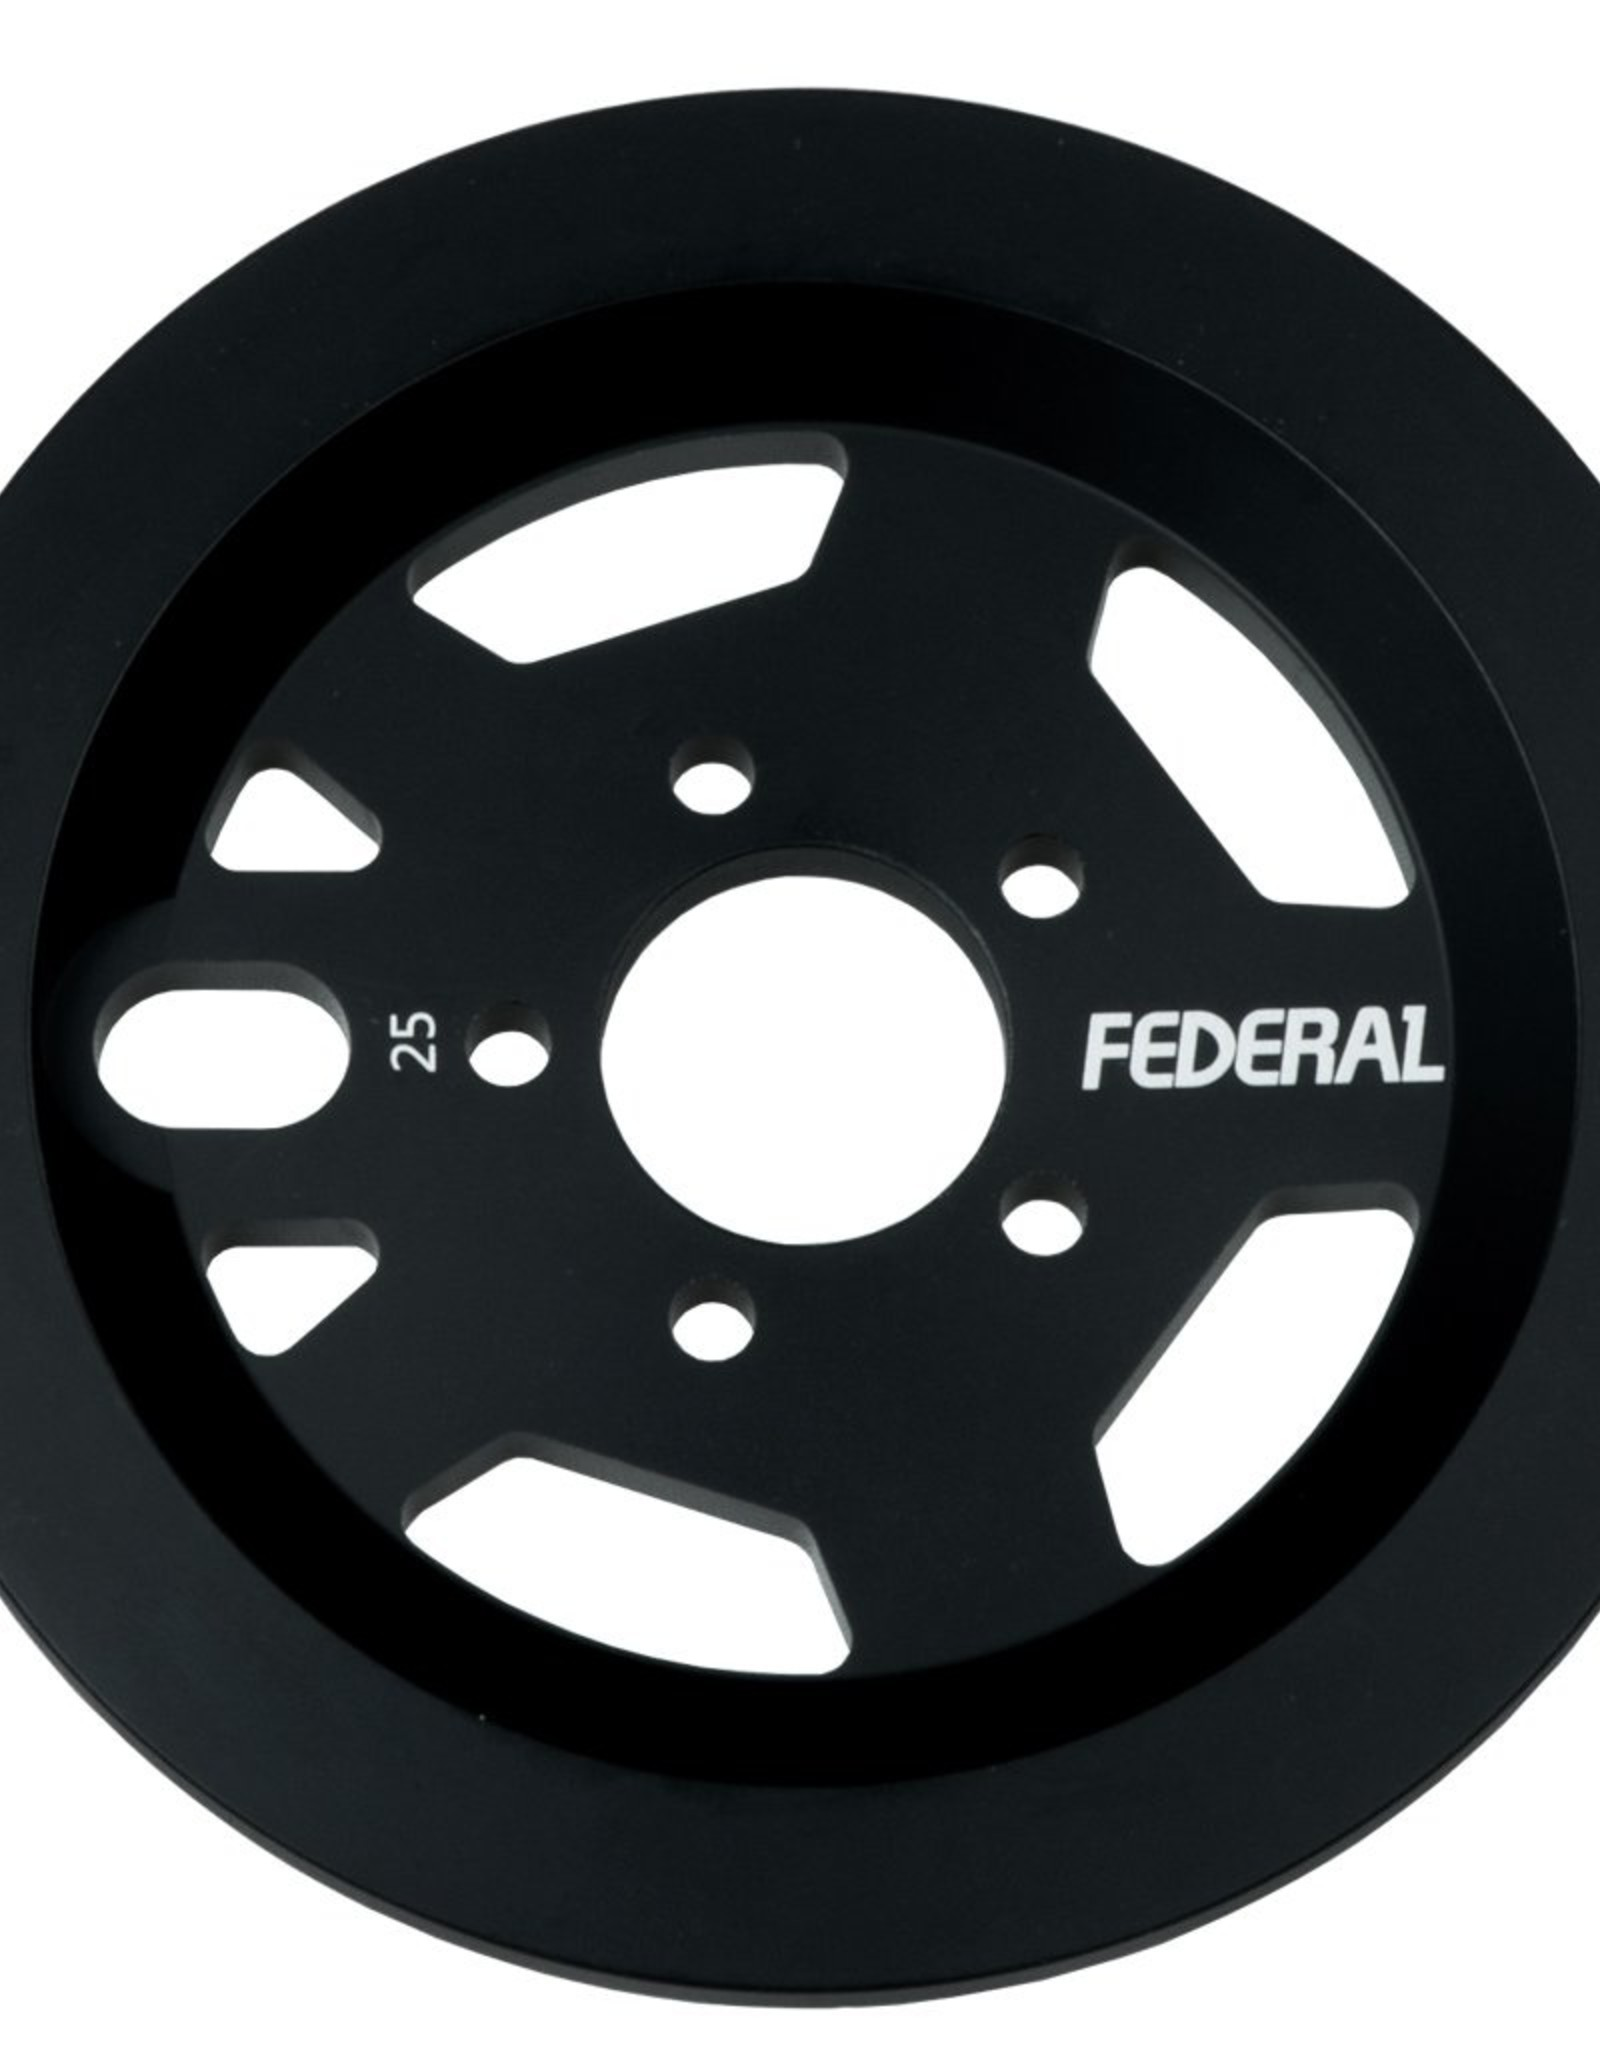 Federal FEDERAL AMG GUARD SPROCKET 25T BLACK